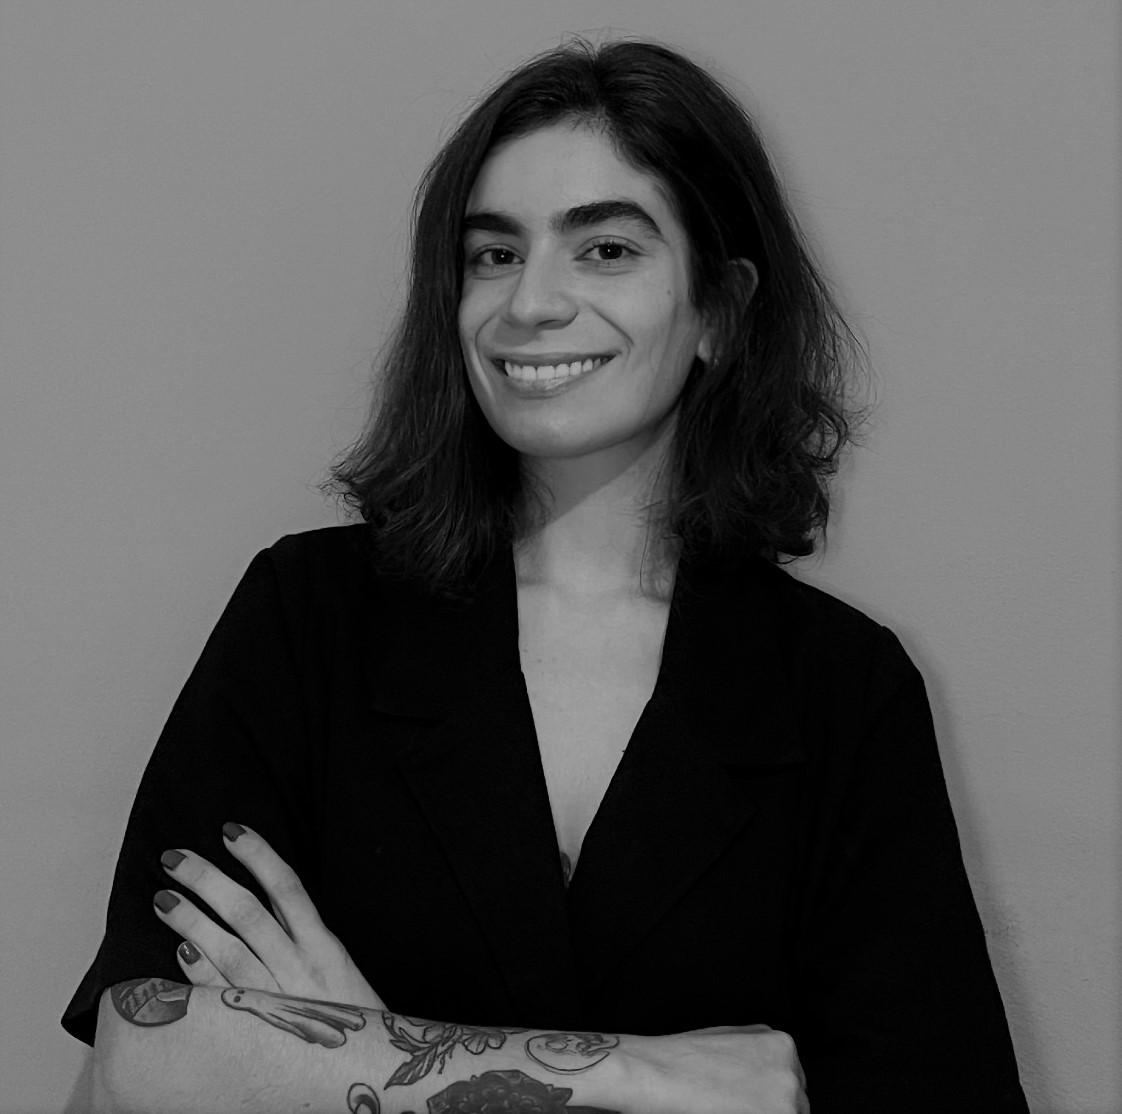 Vitoria Ortega